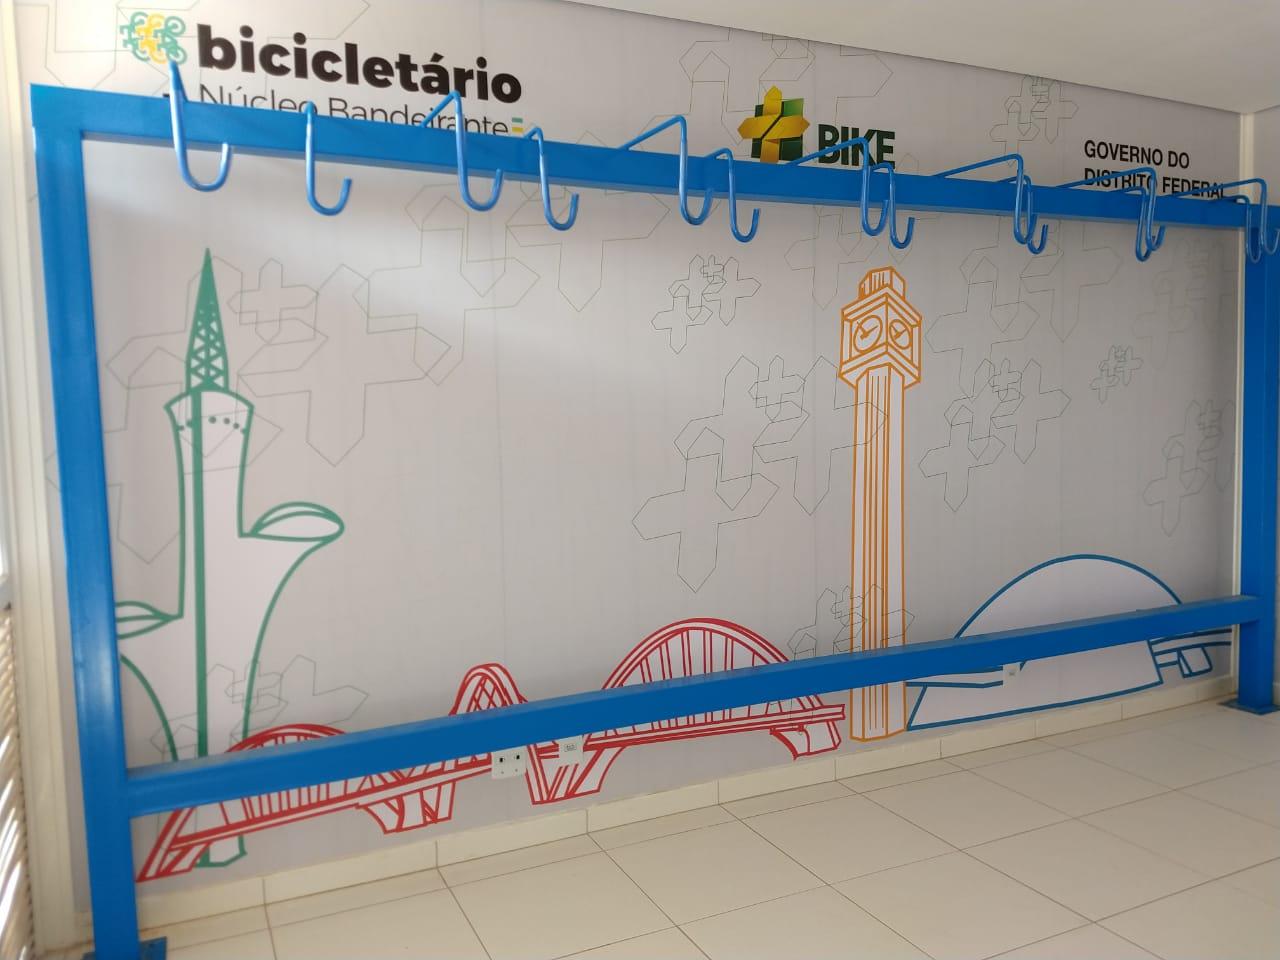 Inaugurados, em 2018, três bicicletários nos terminais de ônibus do Cruzeiro, do Núcleo Bandeirante e do Recanto das Emas, a fim de fomentar a integração entre os deslocamentos por bicicleta e por transporte público. Os projetos, elaborados pela SEMOB, foram implantados pelas operadoras Urbi e Piracicabana. Ainda em 2018, há previsão de inauguração de mais um bicicletário no terminal de ônibus de Sobradinho II.